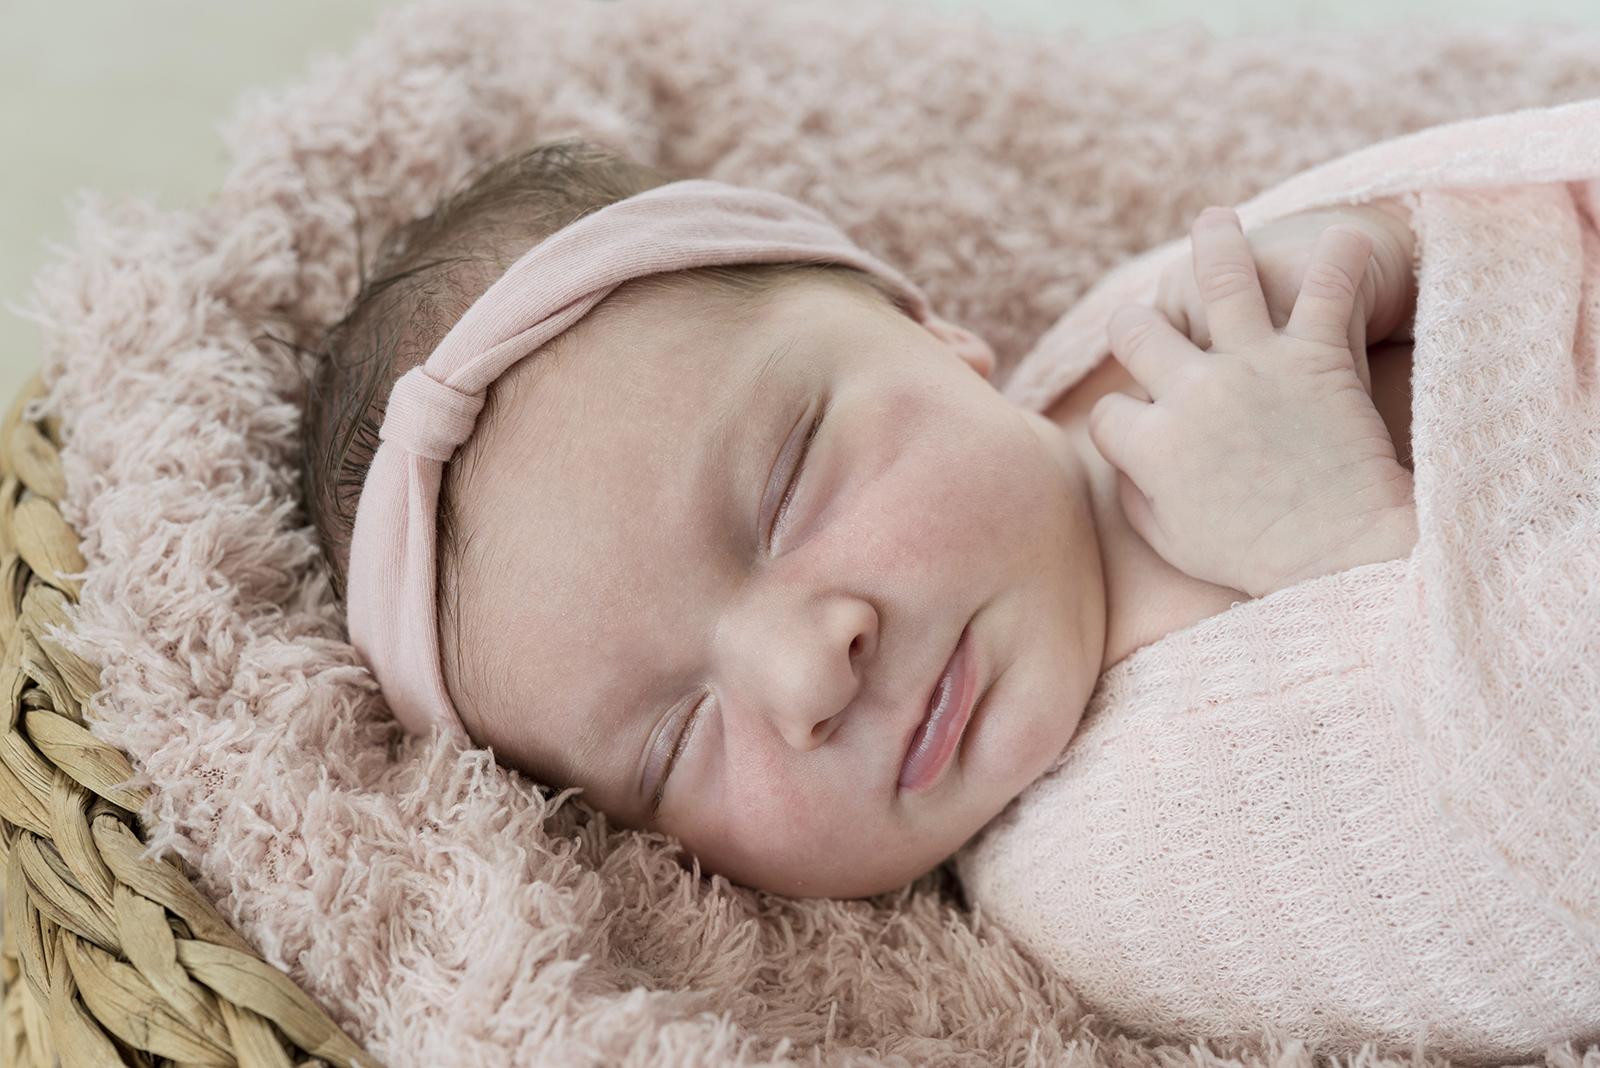 nouveau né endormi